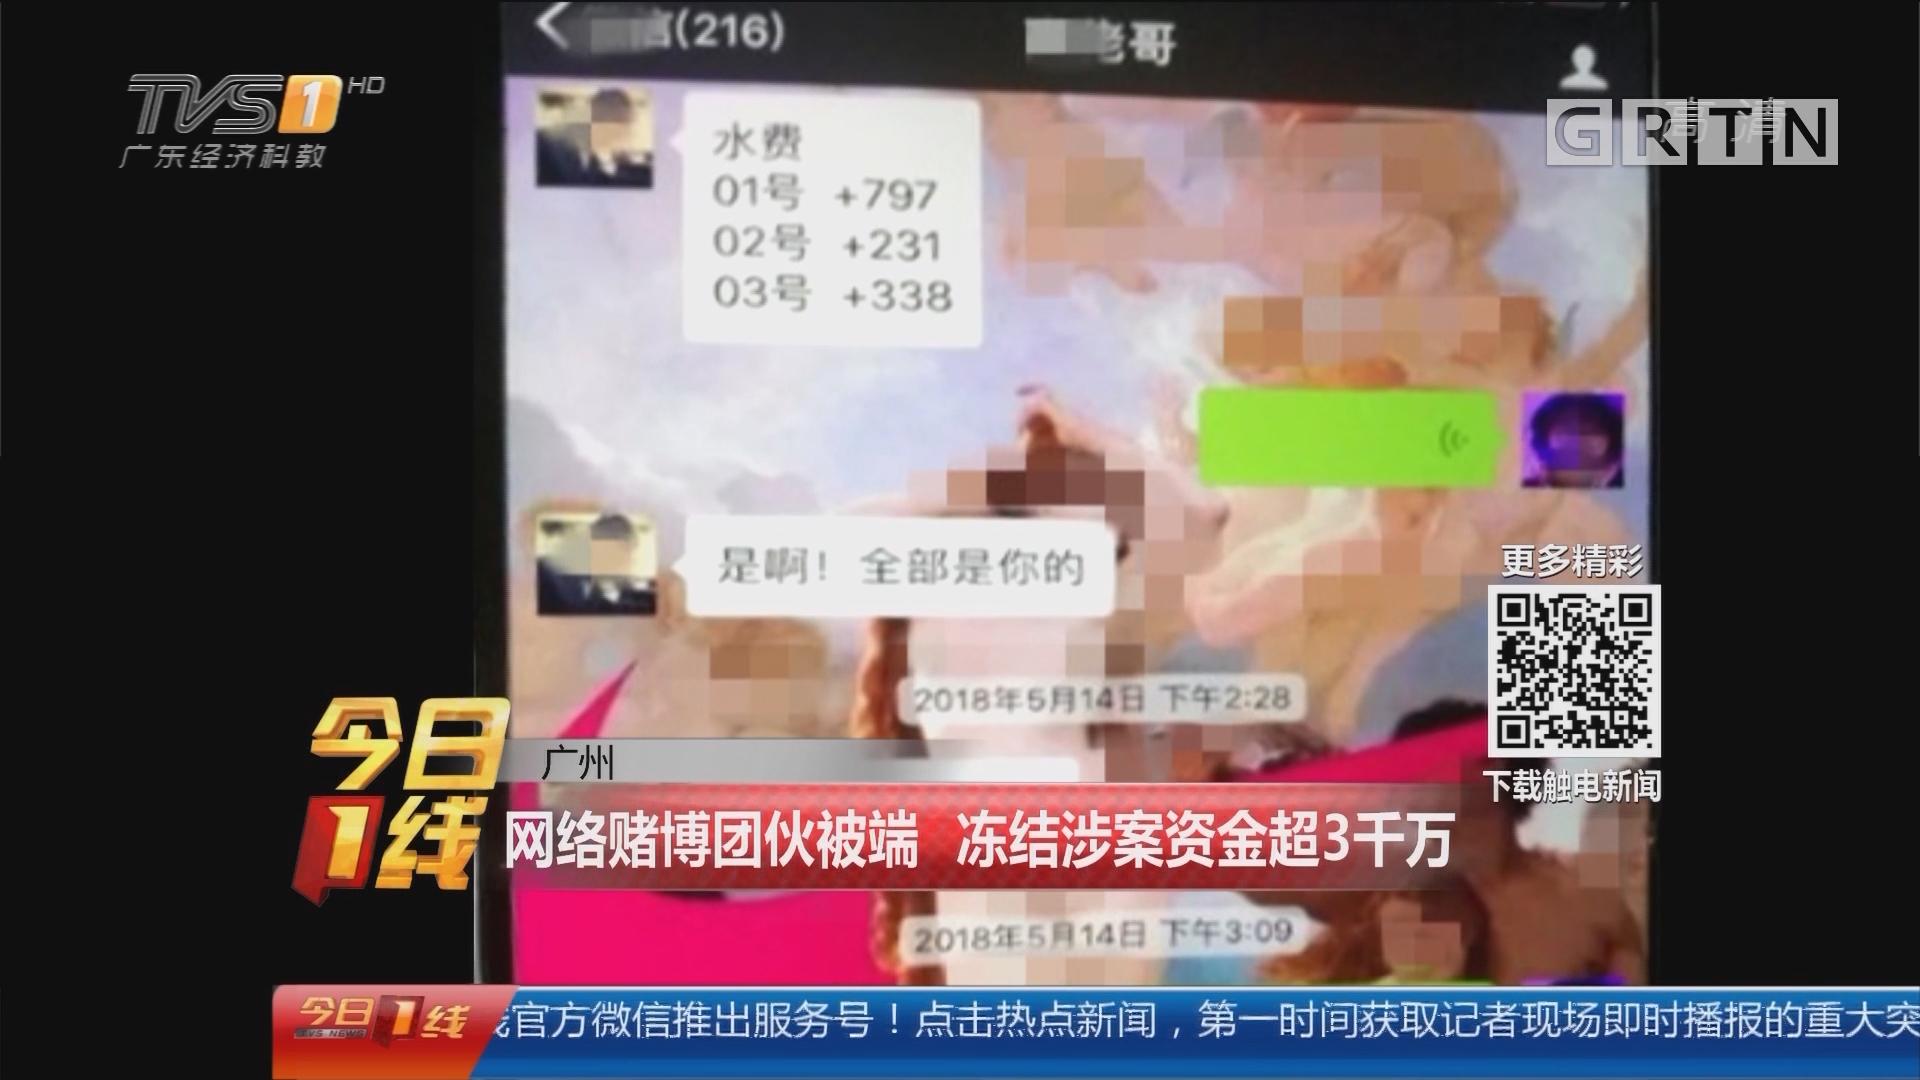 广州:网络赌博团伙被端 冻结涉案资金超3千万